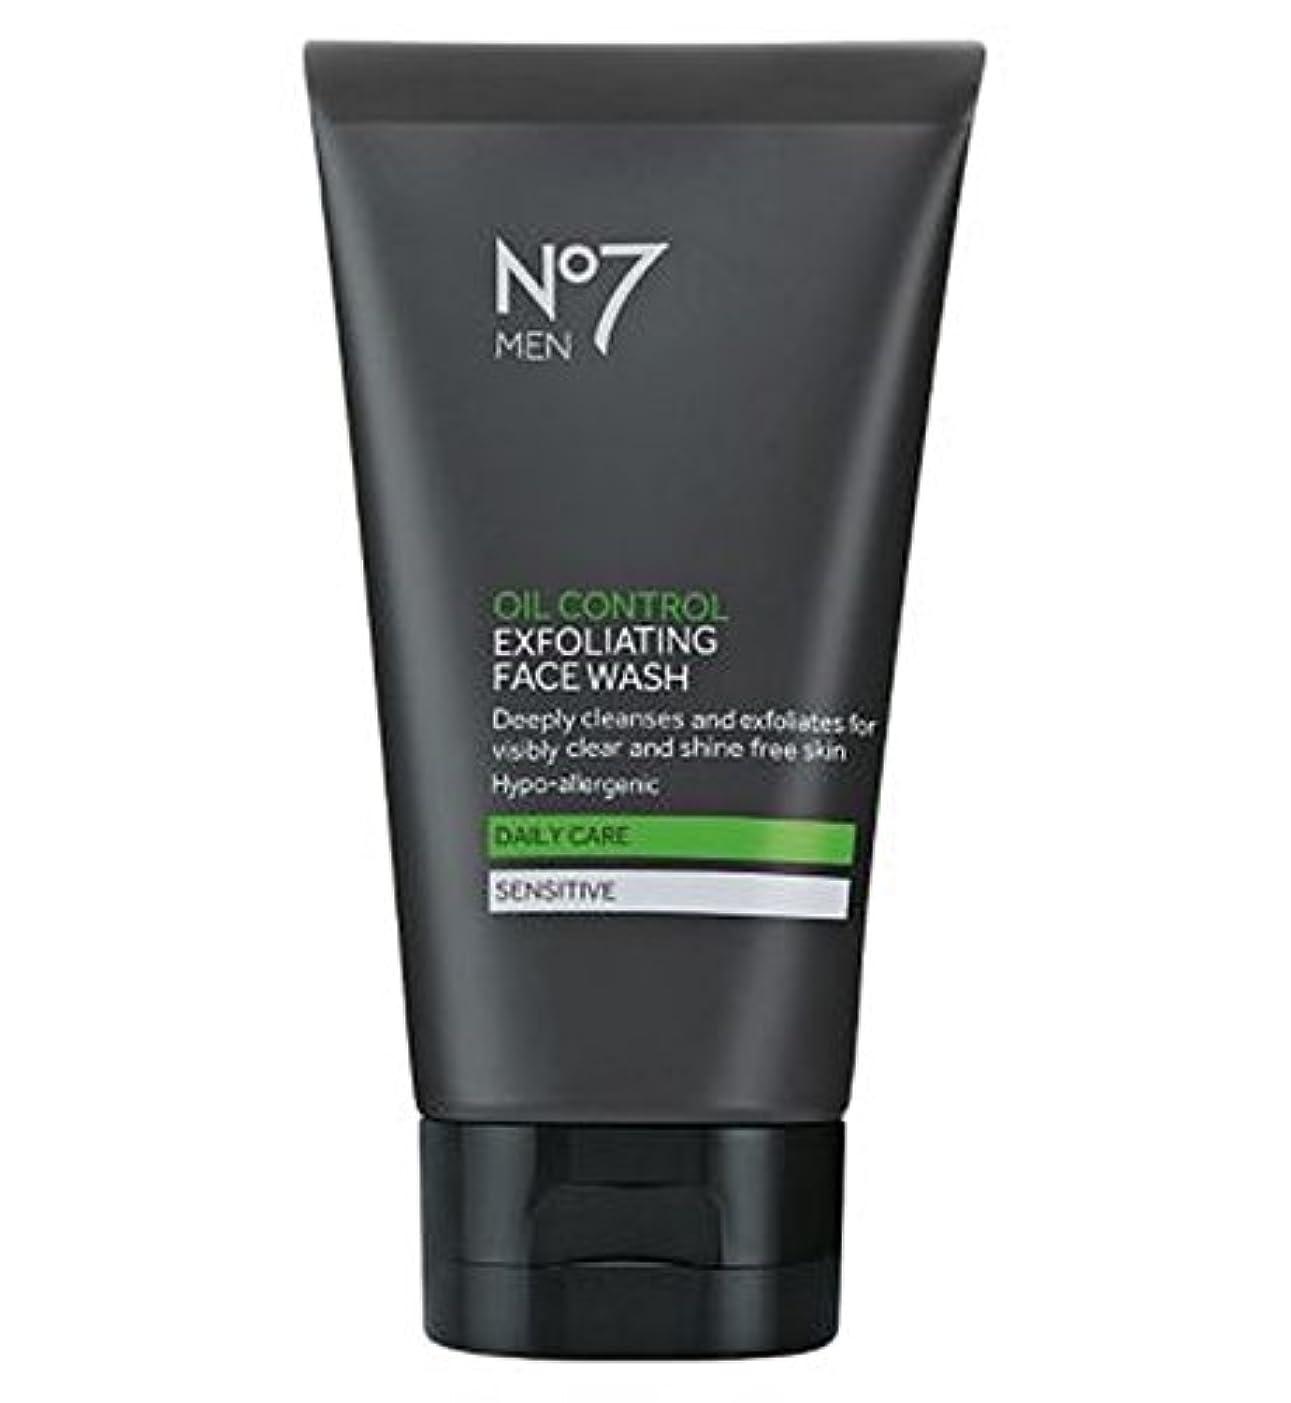 チャンピオンナビゲーションはずNo7 Men Oil Control Face Wash 150ml - No7男性オイルコントロールフェイスウォッシュ150ミリリットル (No7) [並行輸入品]